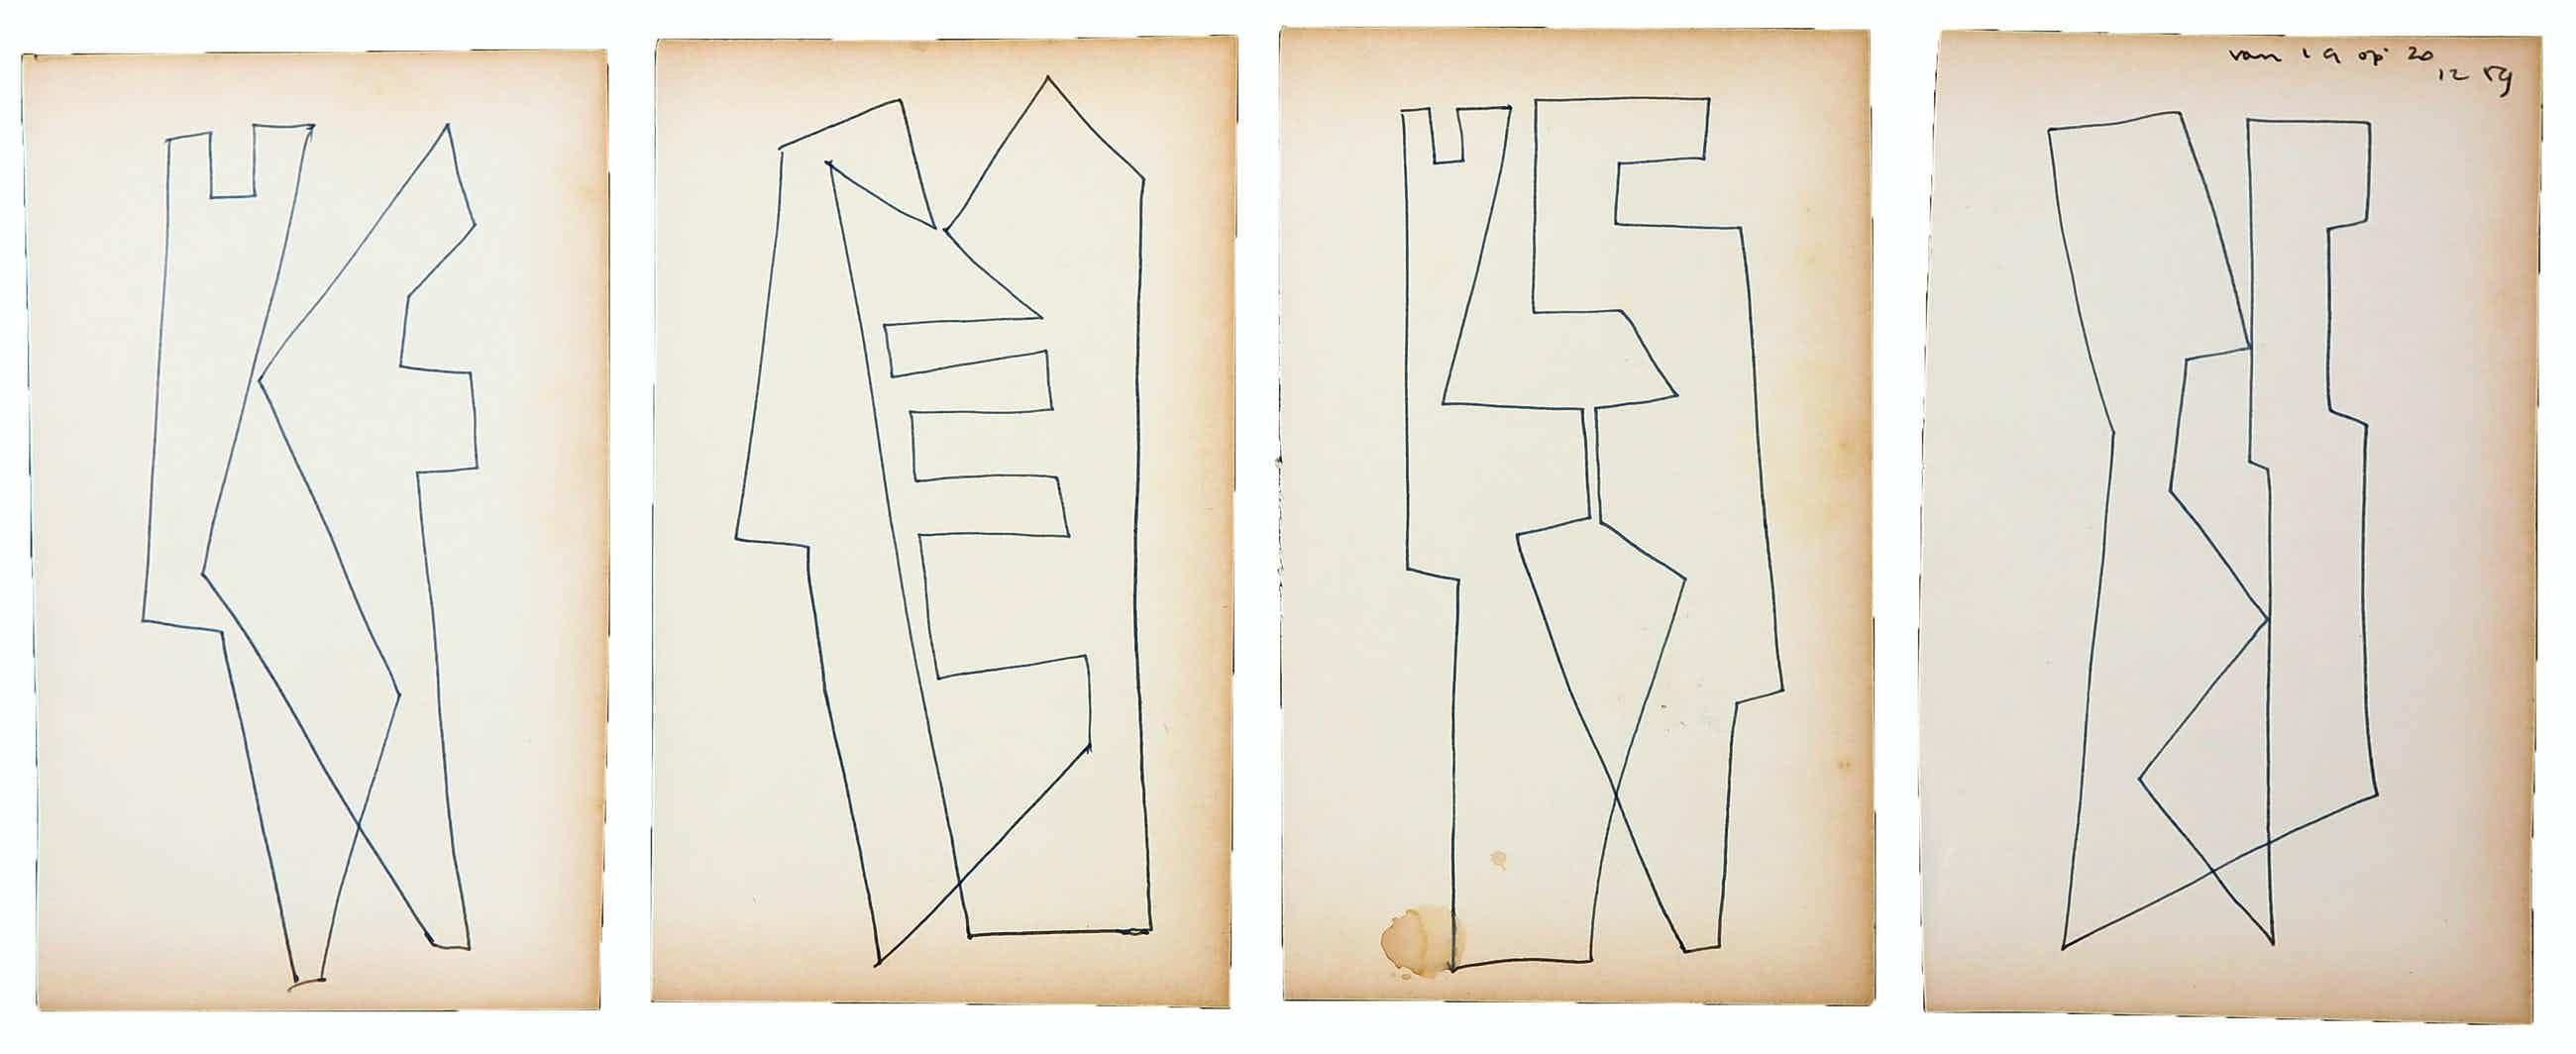 Siep van den Berg - Lot van vier abstracte composities kopen? Bied vanaf 40!